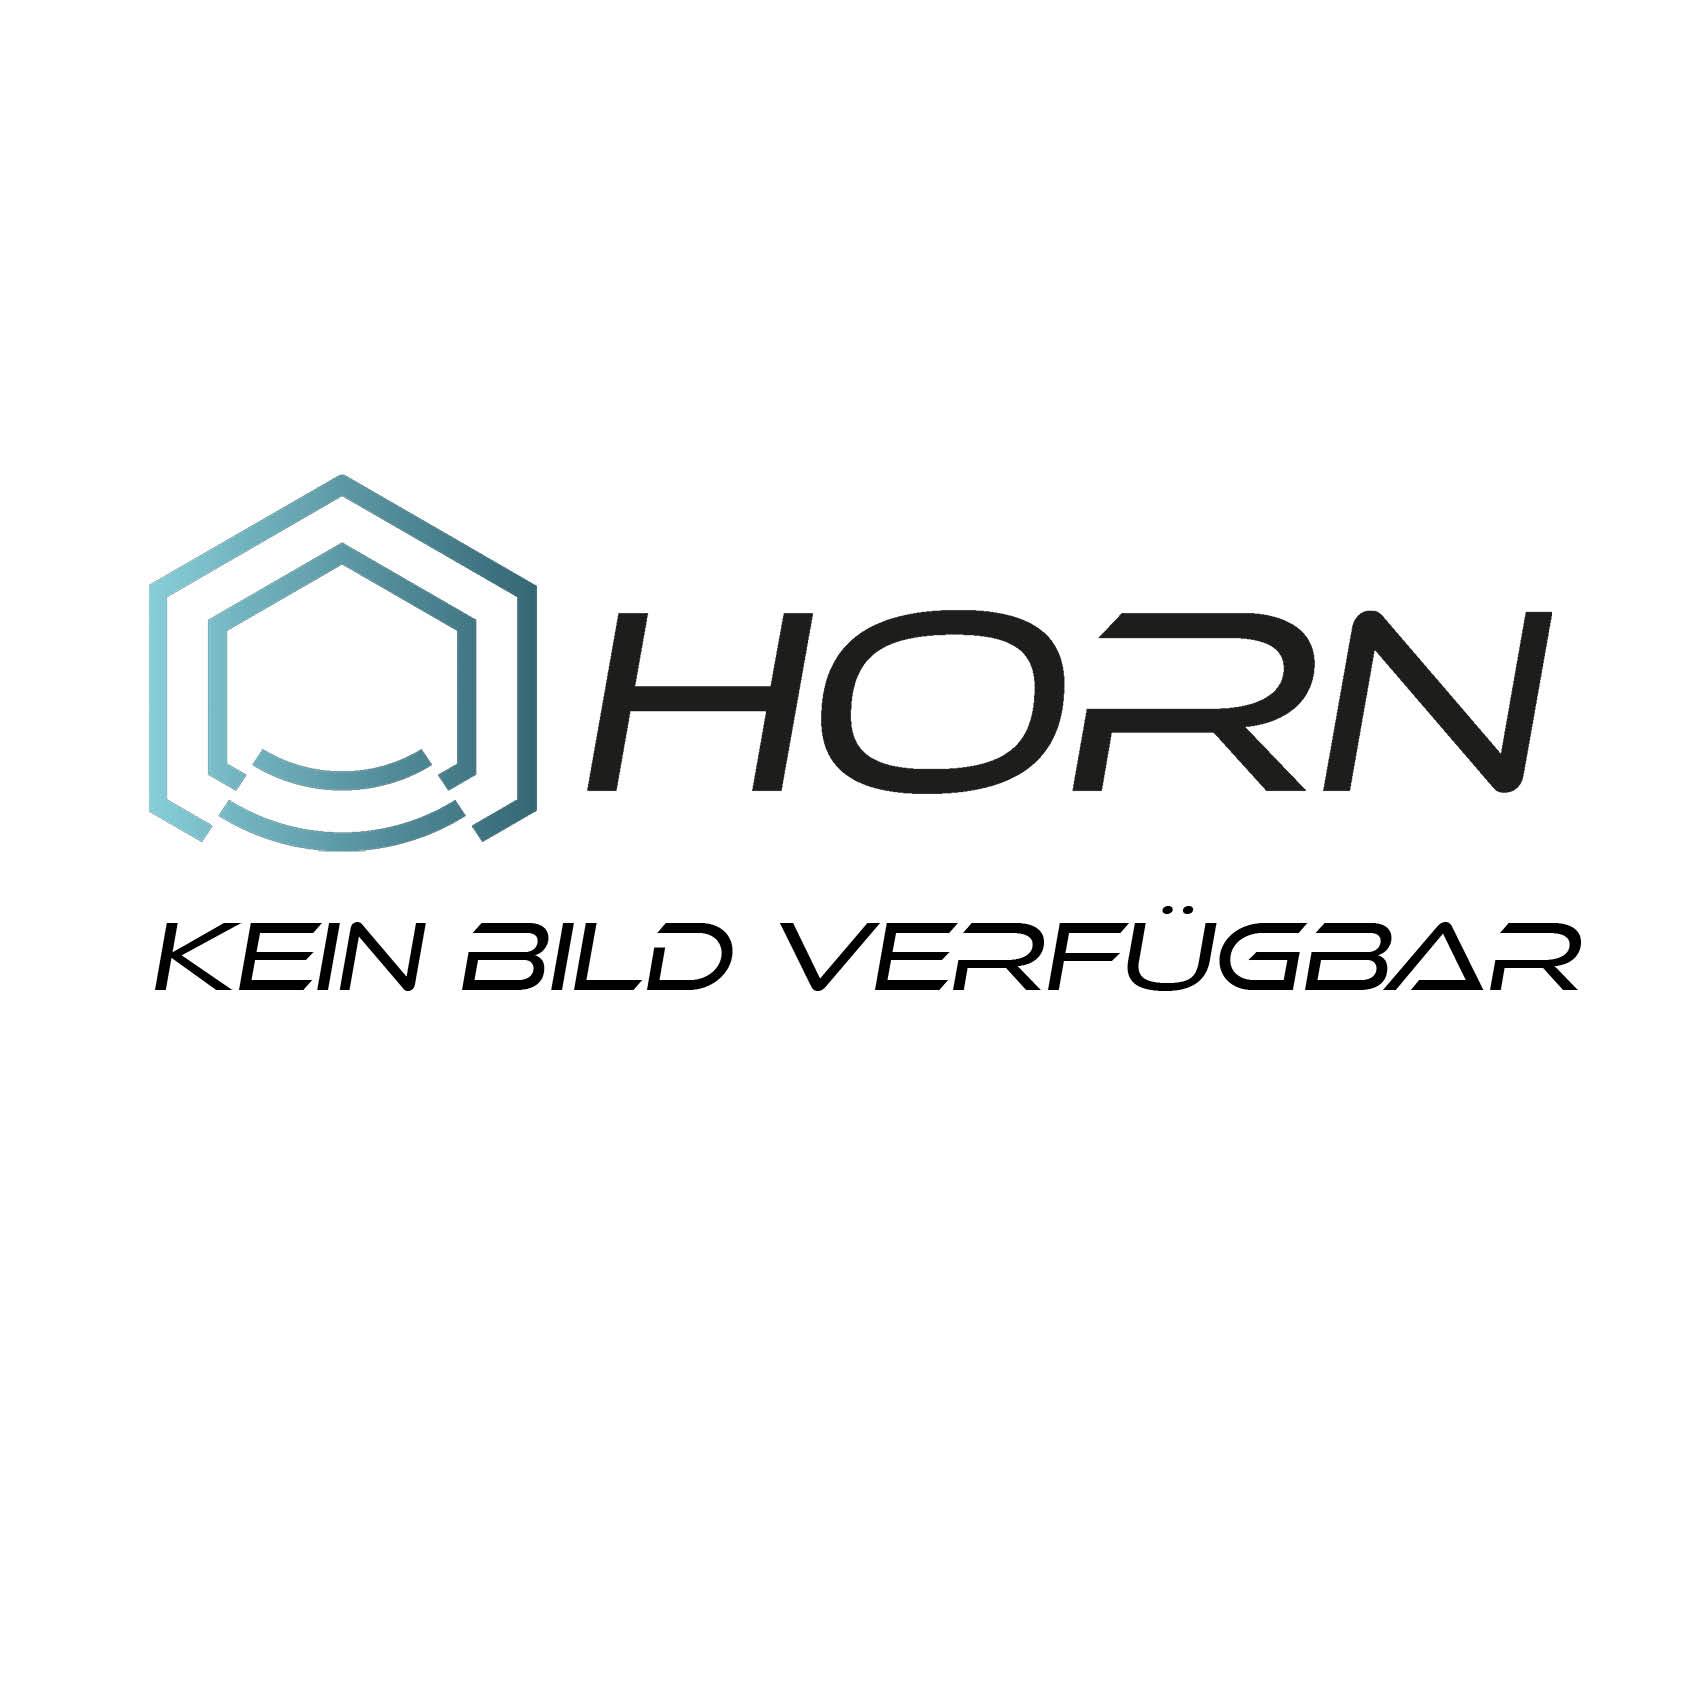 horn online montageplatte silberfarbig gleitschiene. Black Bedroom Furniture Sets. Home Design Ideas